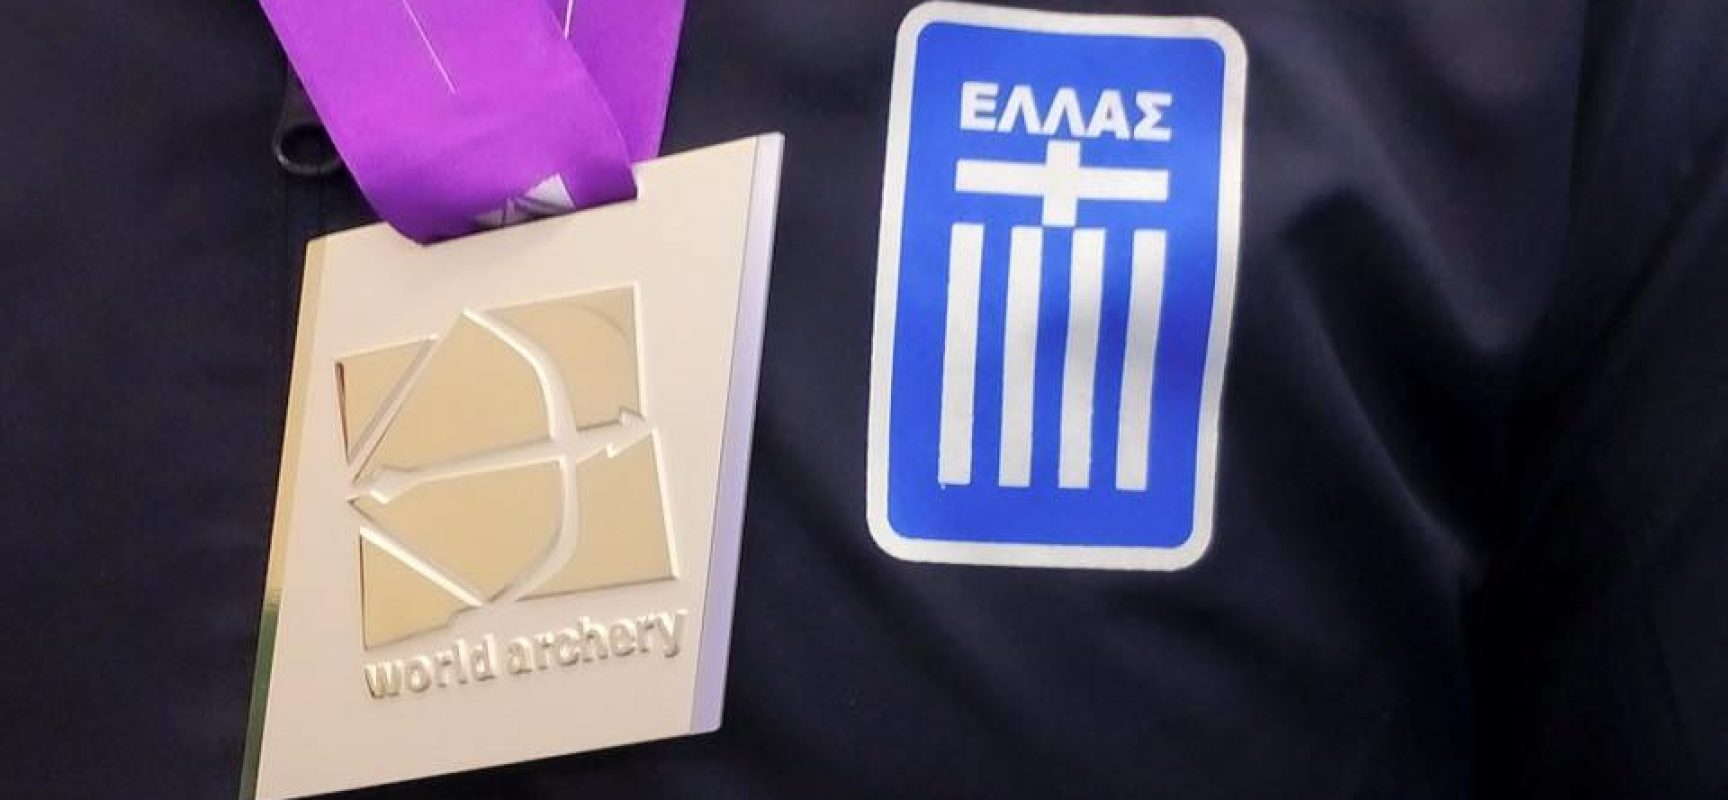 Προς ΣΩΜΑΤΕΙΑ ΕΟΤ-Σύνθεση Εθνικής Ομάδας αγώνα Διακρατικής Συμφωνίας Ελλάδος-Κύπρου